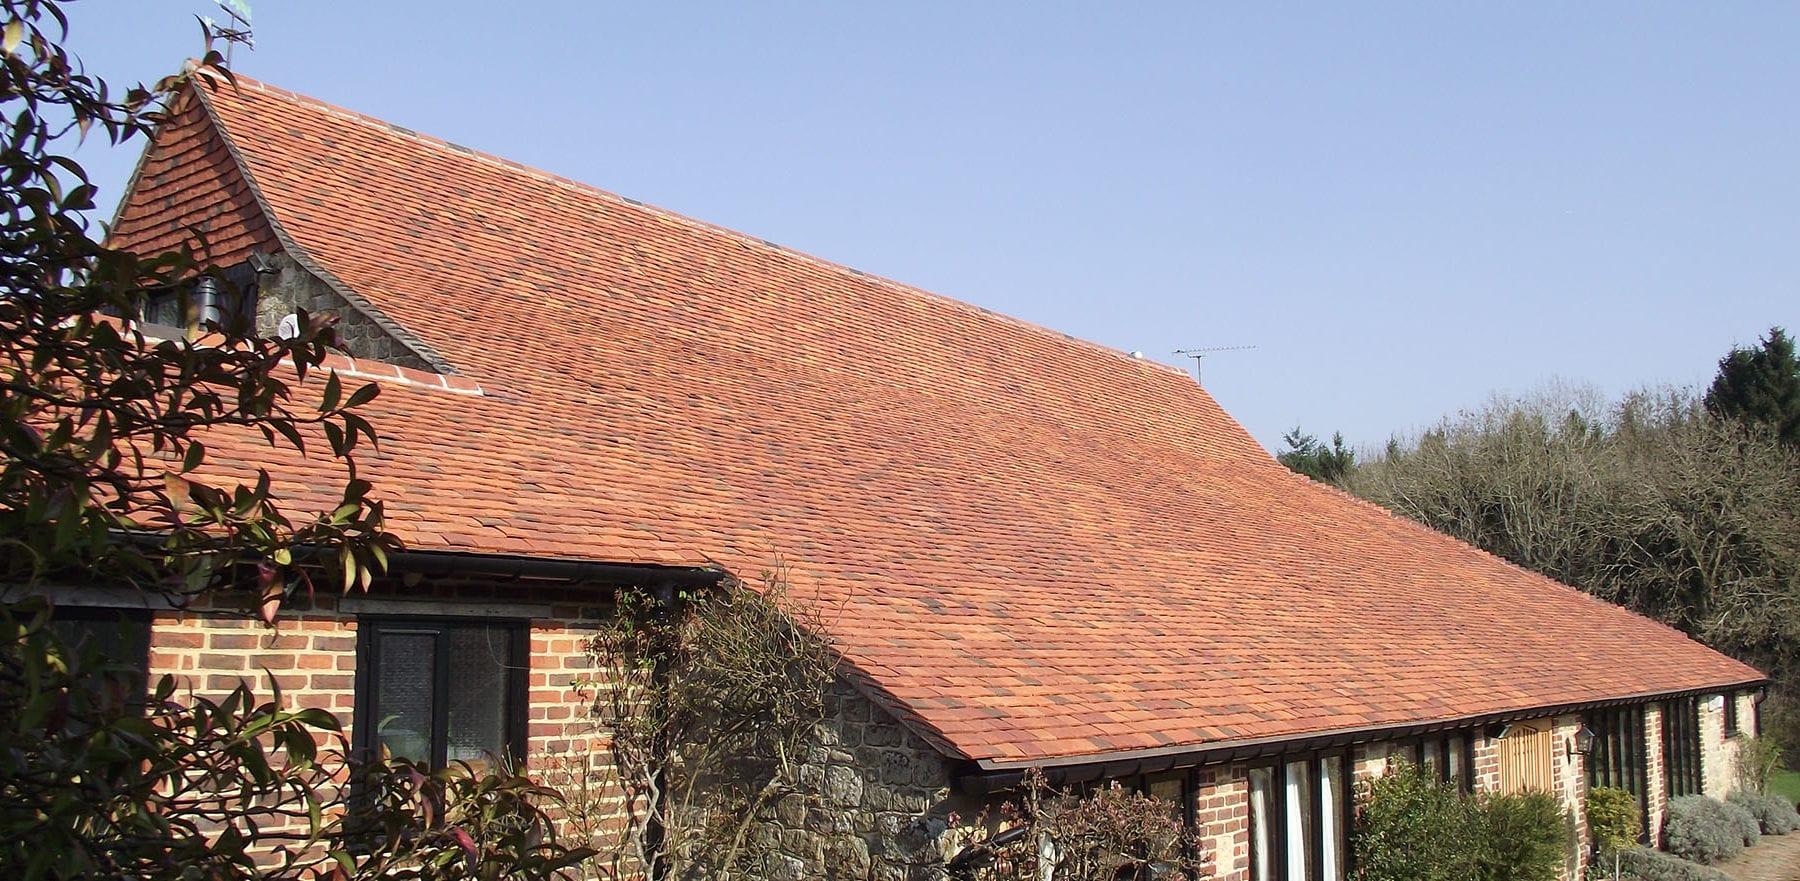 Lifestiles - Handmade Multi Clay Roof Tiles - Fernhurst, England 4